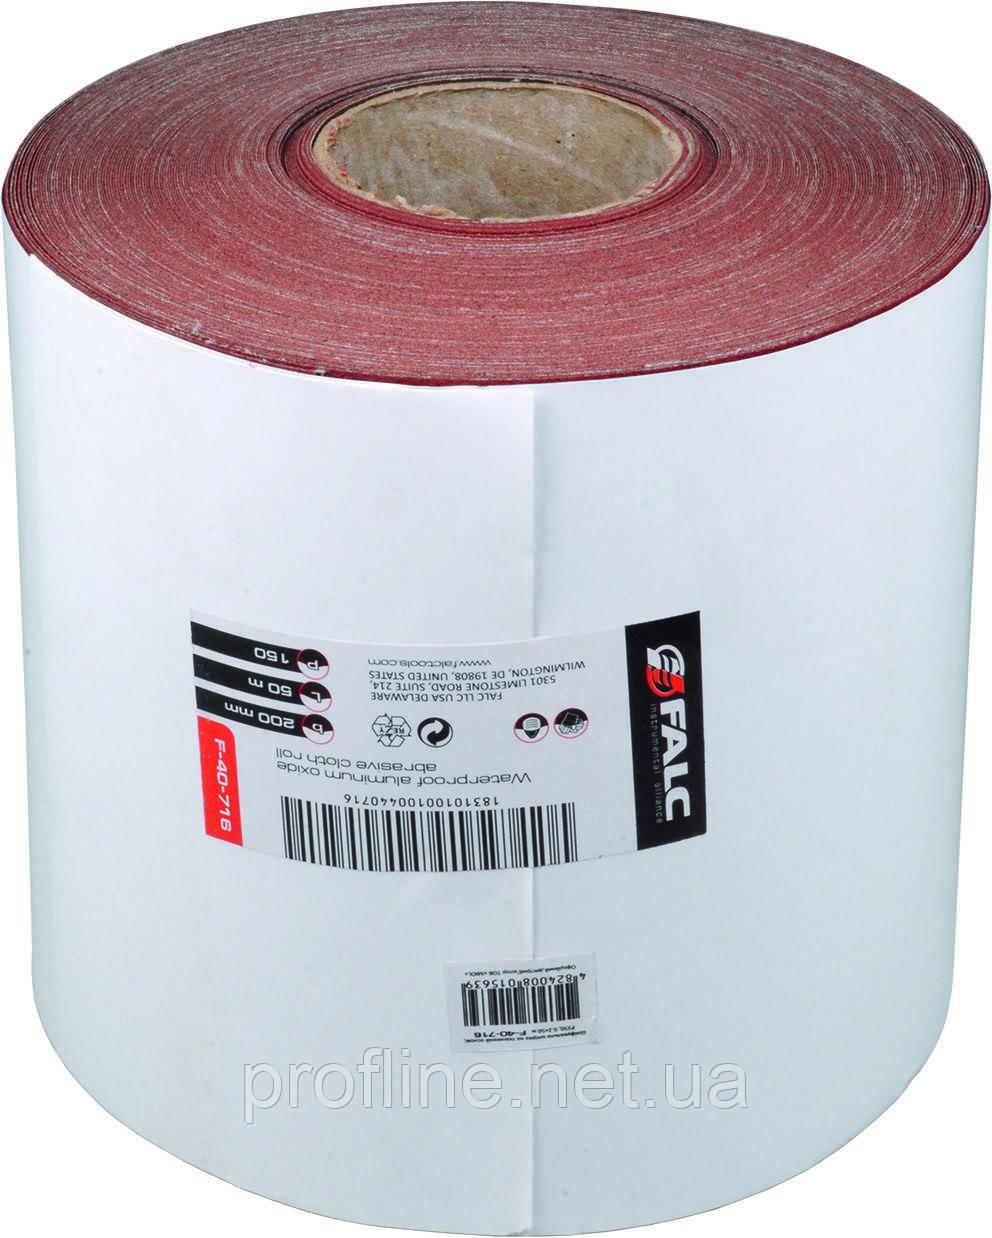 Шлифовальная шкурка на тканевой основе,рулон 200ммx50м Miol F-40-711